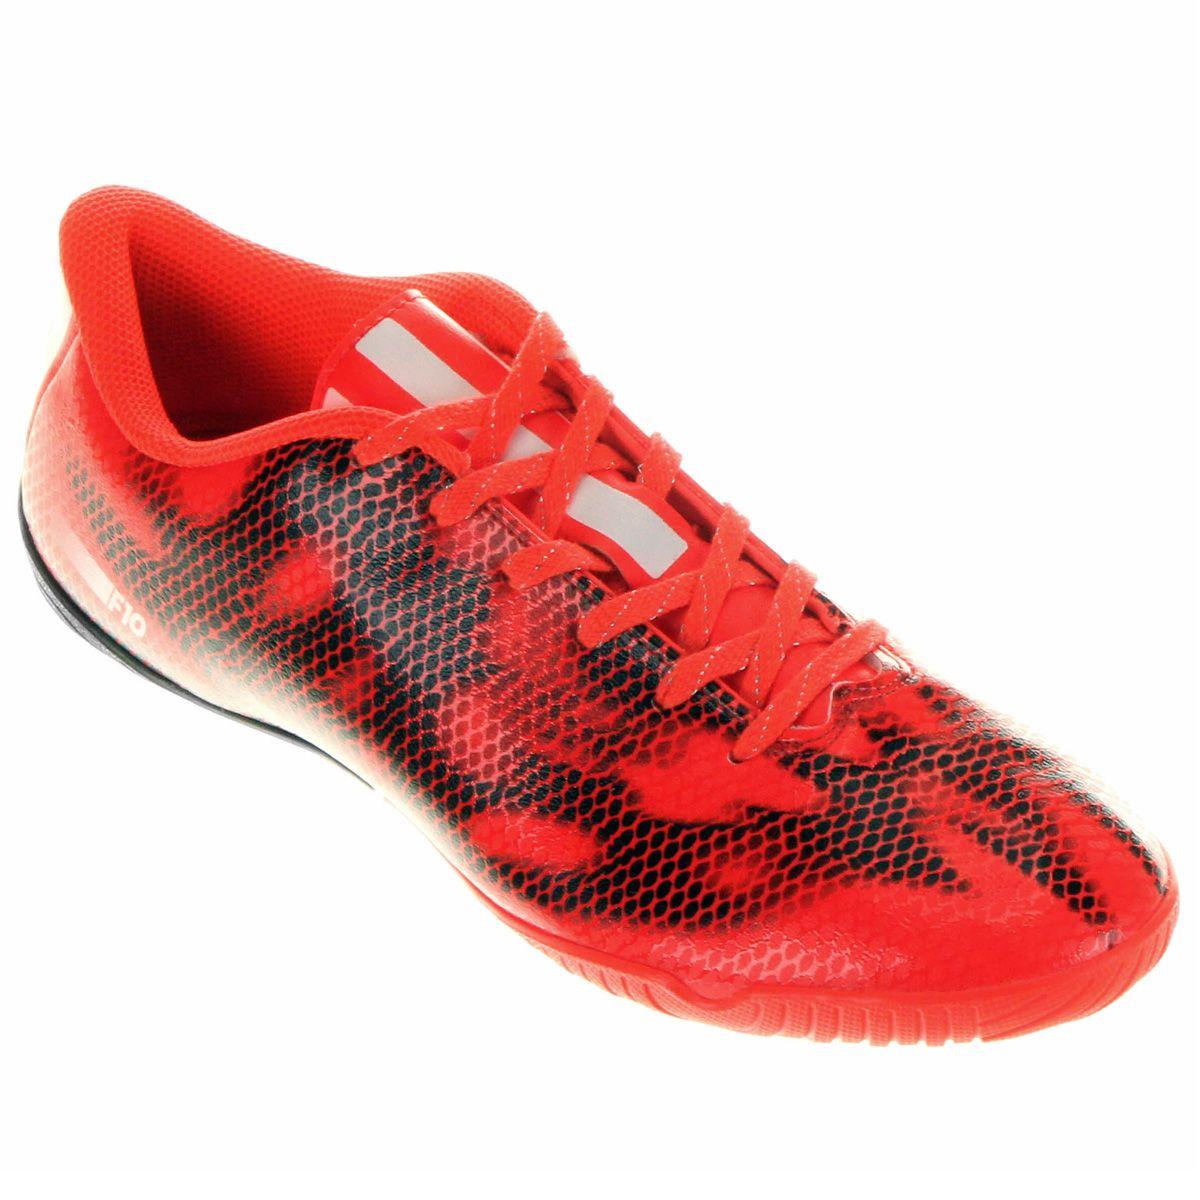 Chuteira Adidas F10 IN Futsal Laranja Escuro  9571b188fd1c0